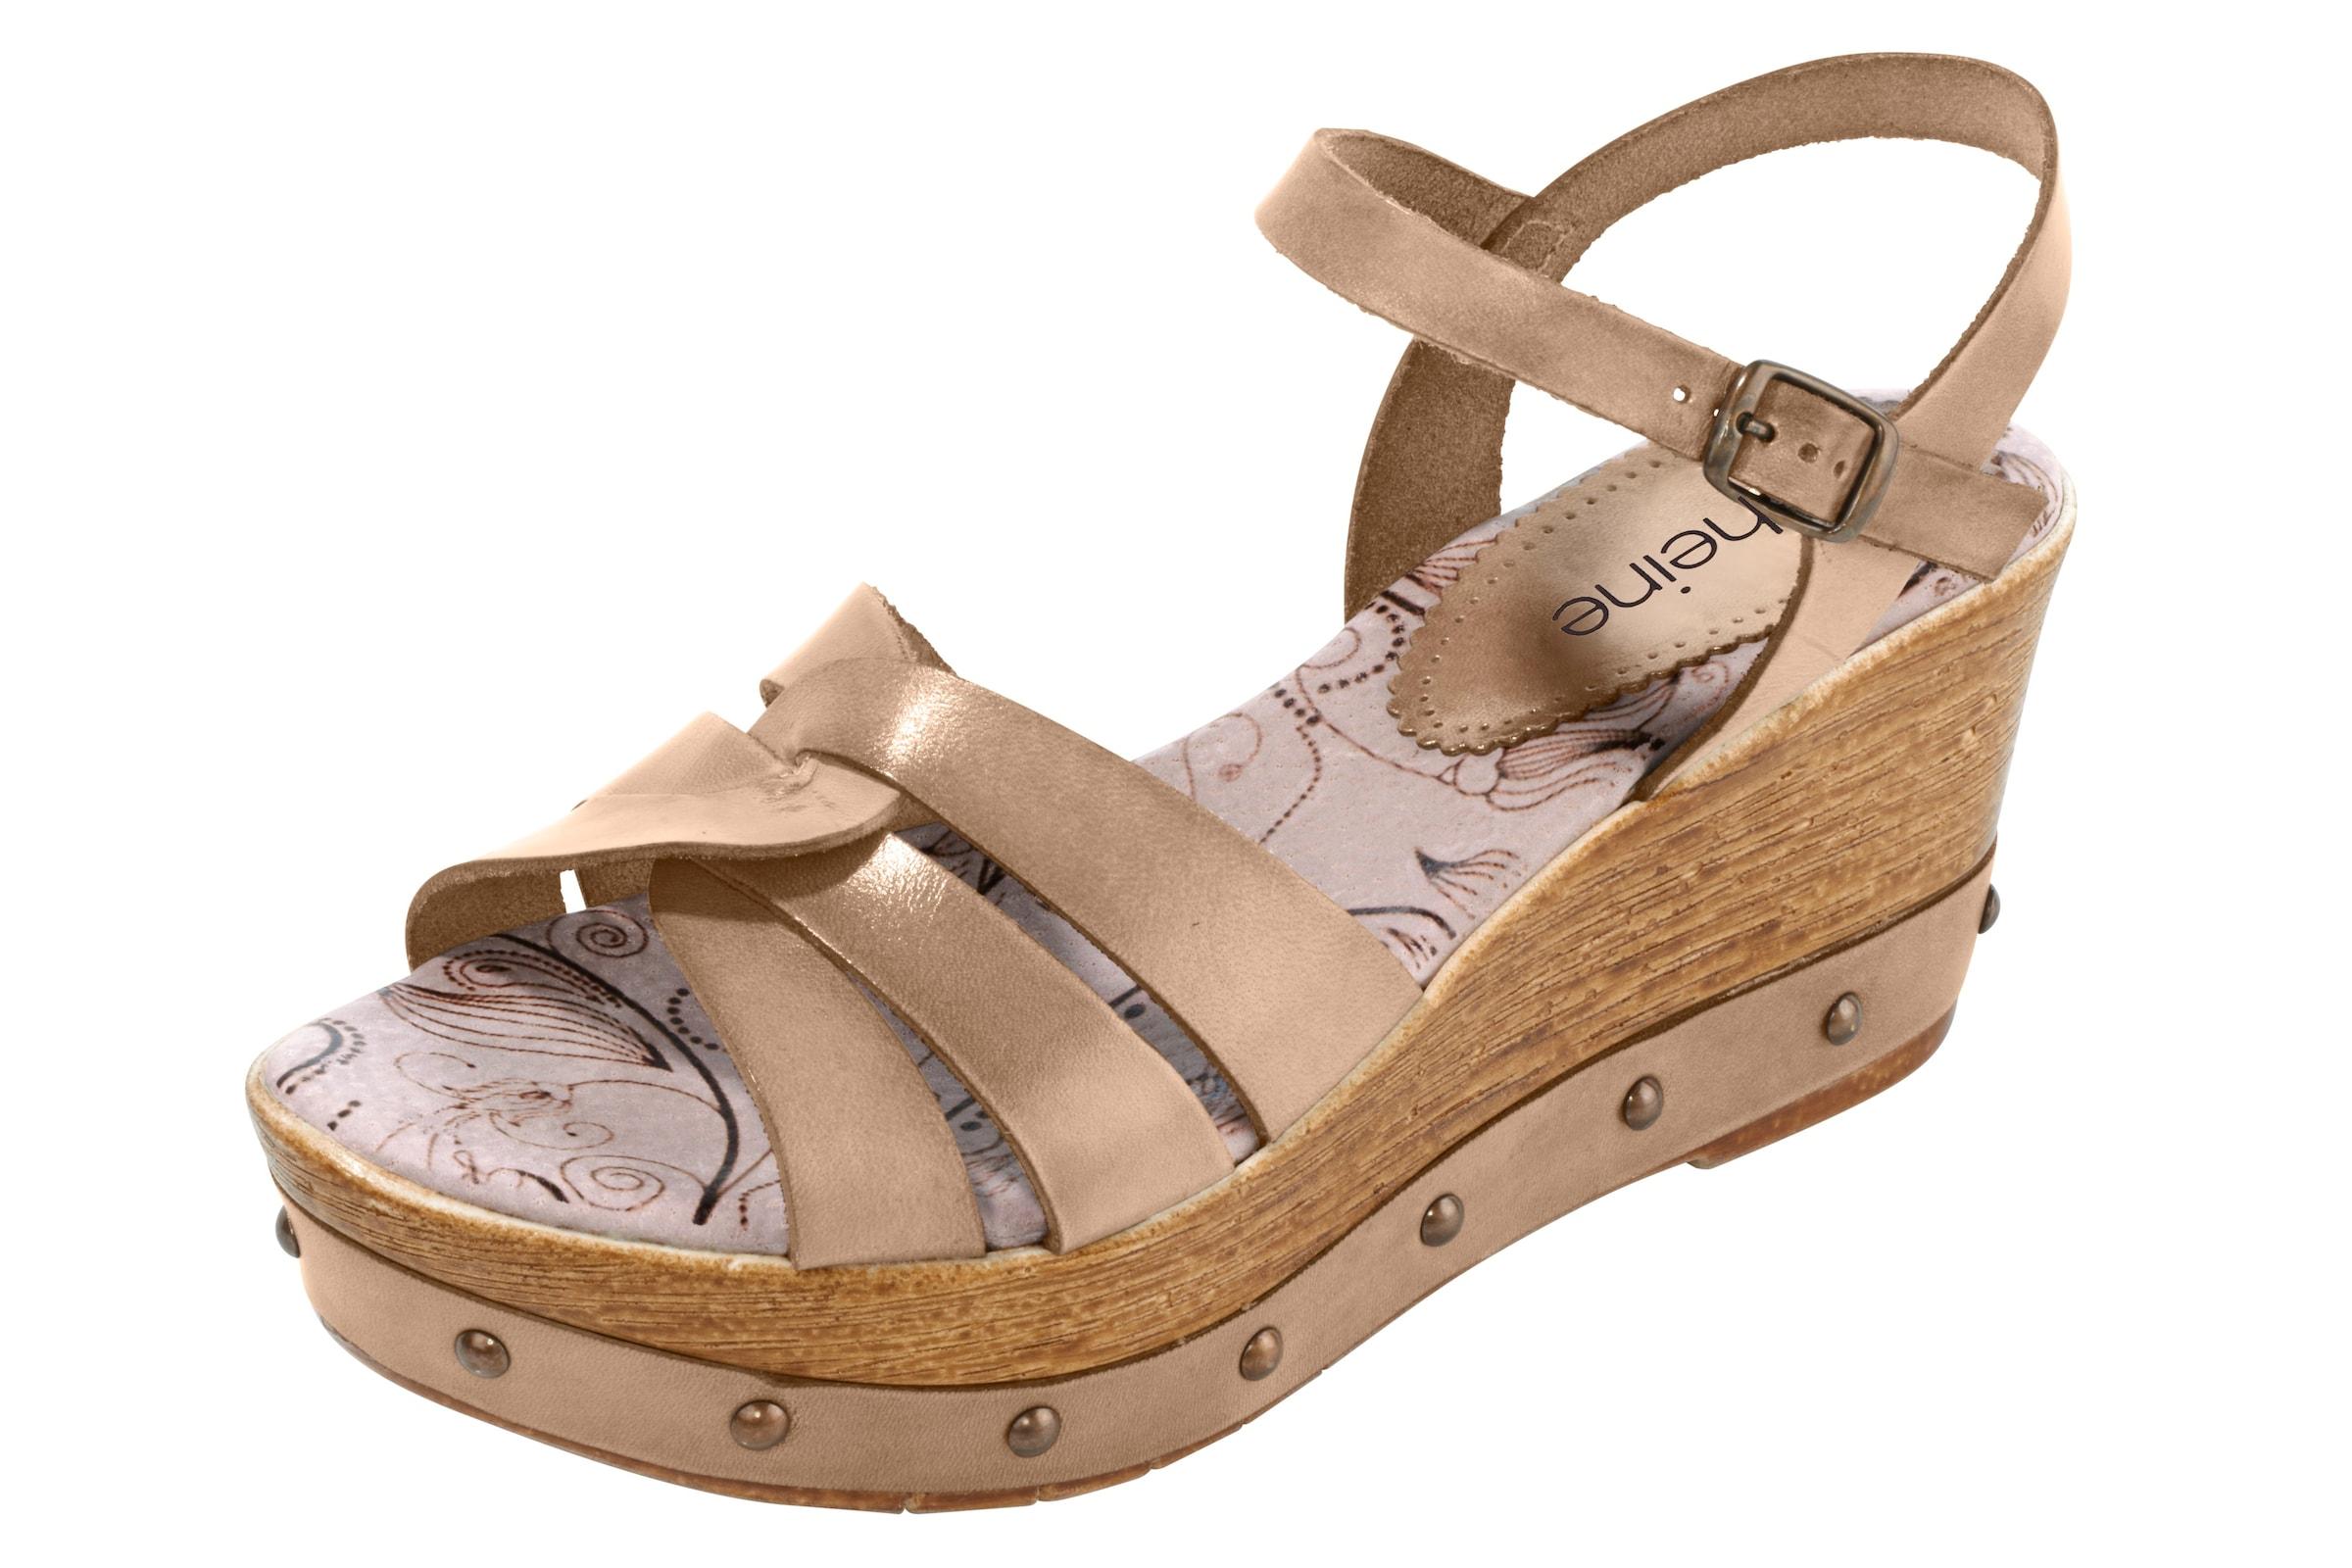 heine Keilsandalette Günstige und langlebige Schuhe